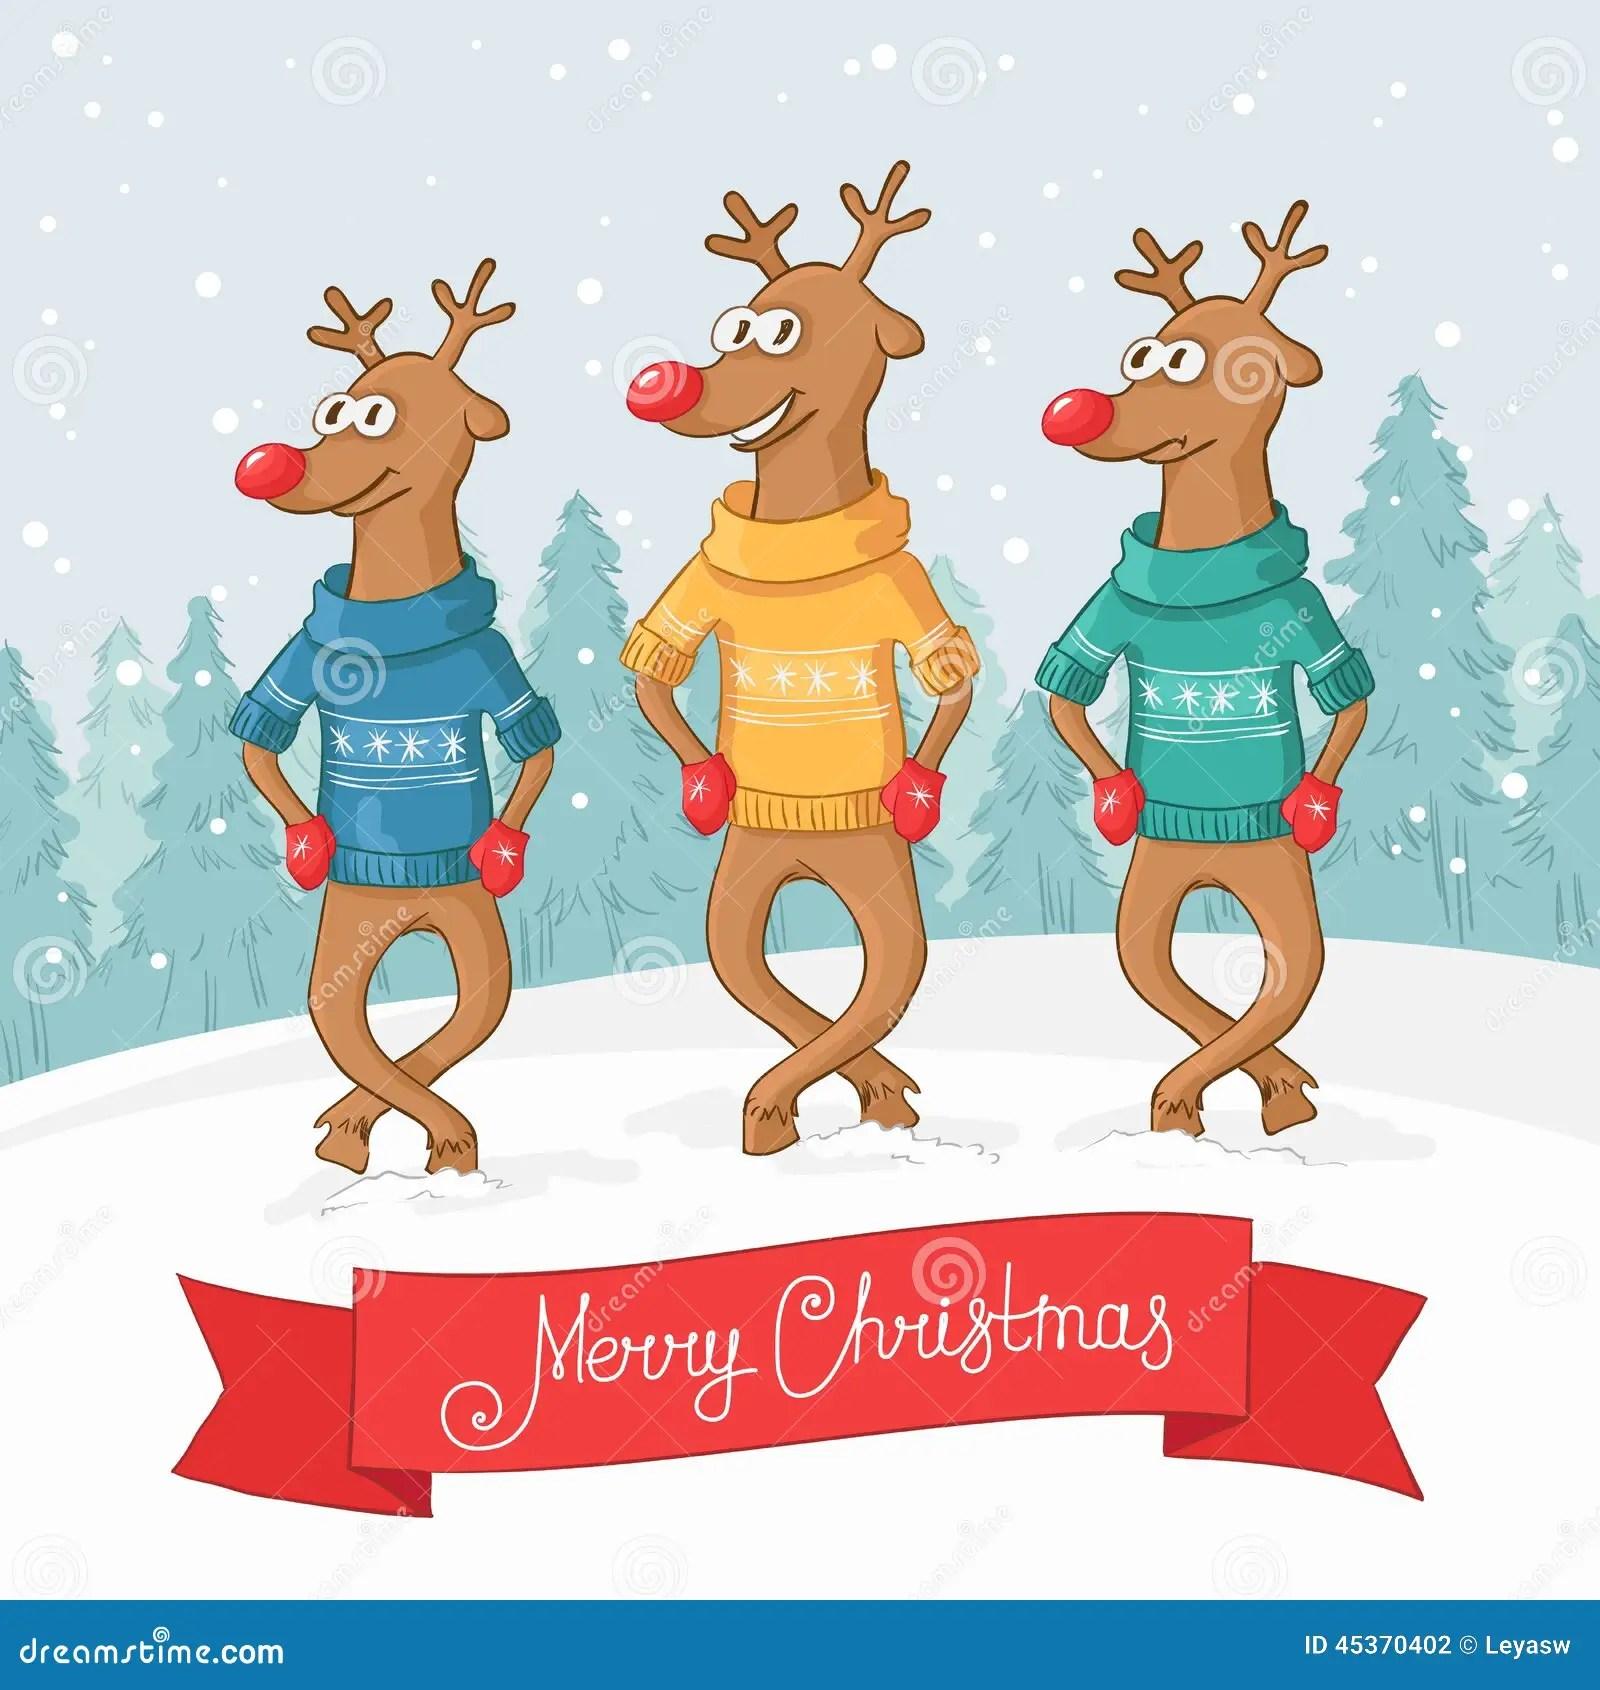 Three Deer Dance Winter Forest Landscape Postcard Merry